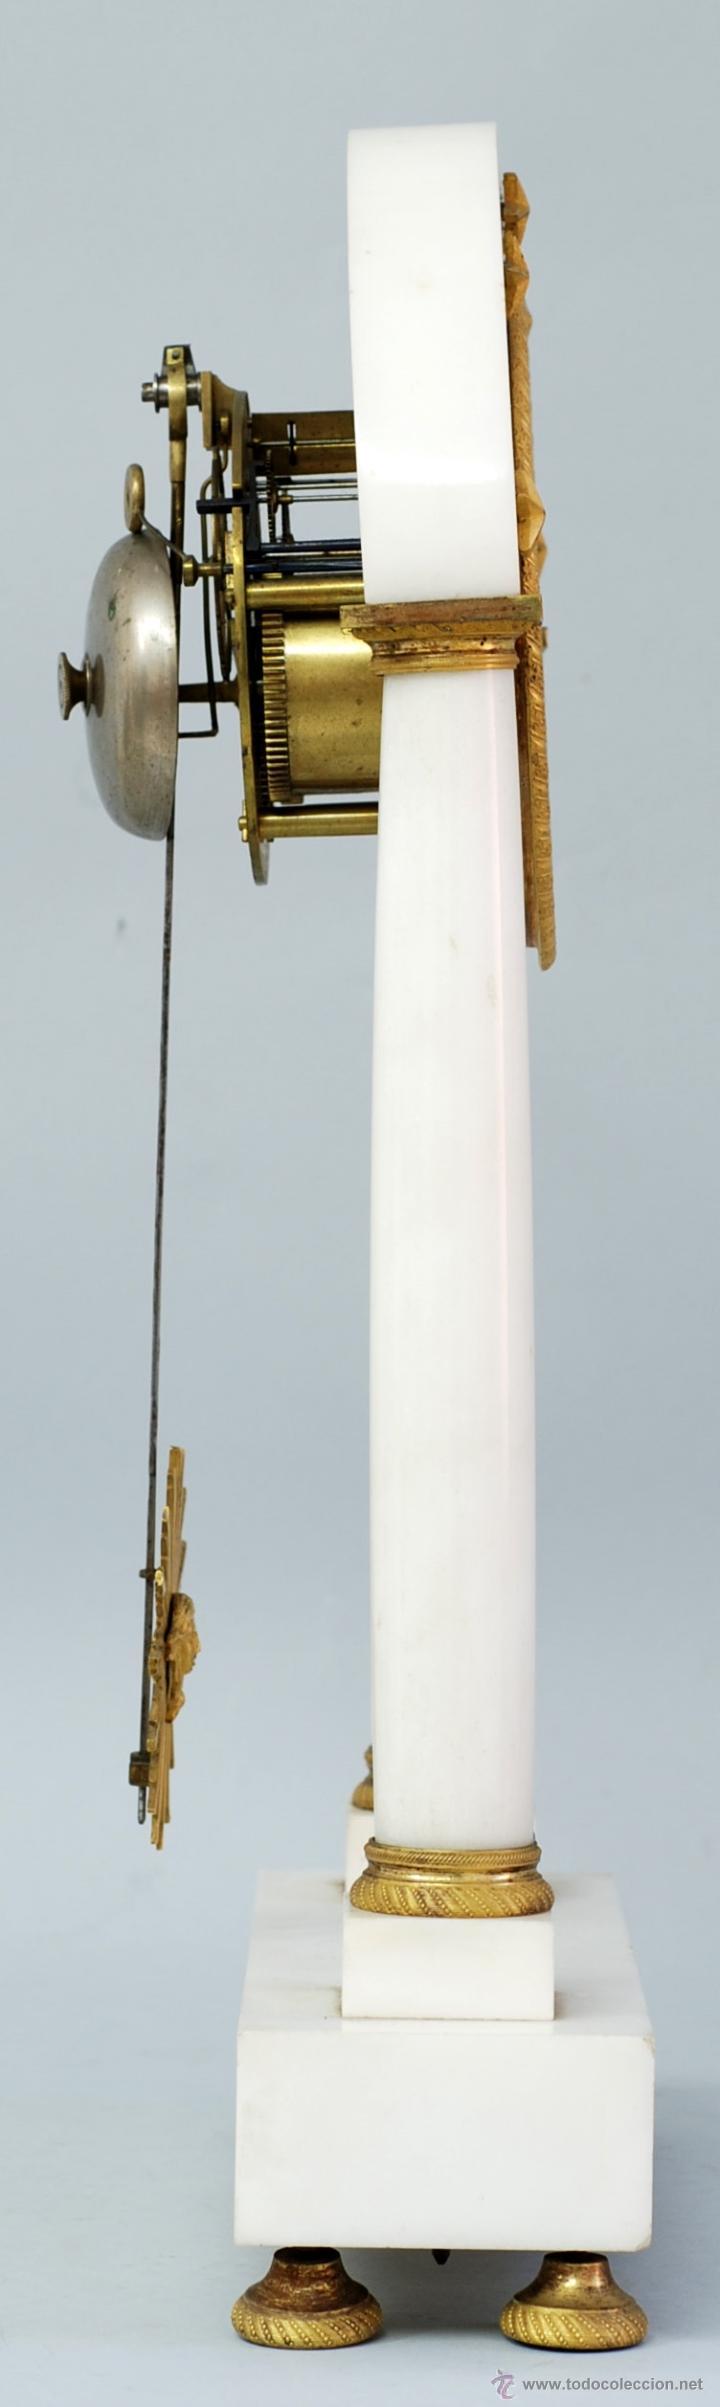 Relojes de carga manual: Reloj Luis XVI mármol blanco y bronce dorado Francia S XVIII Funciona - Foto 9 - 45833521